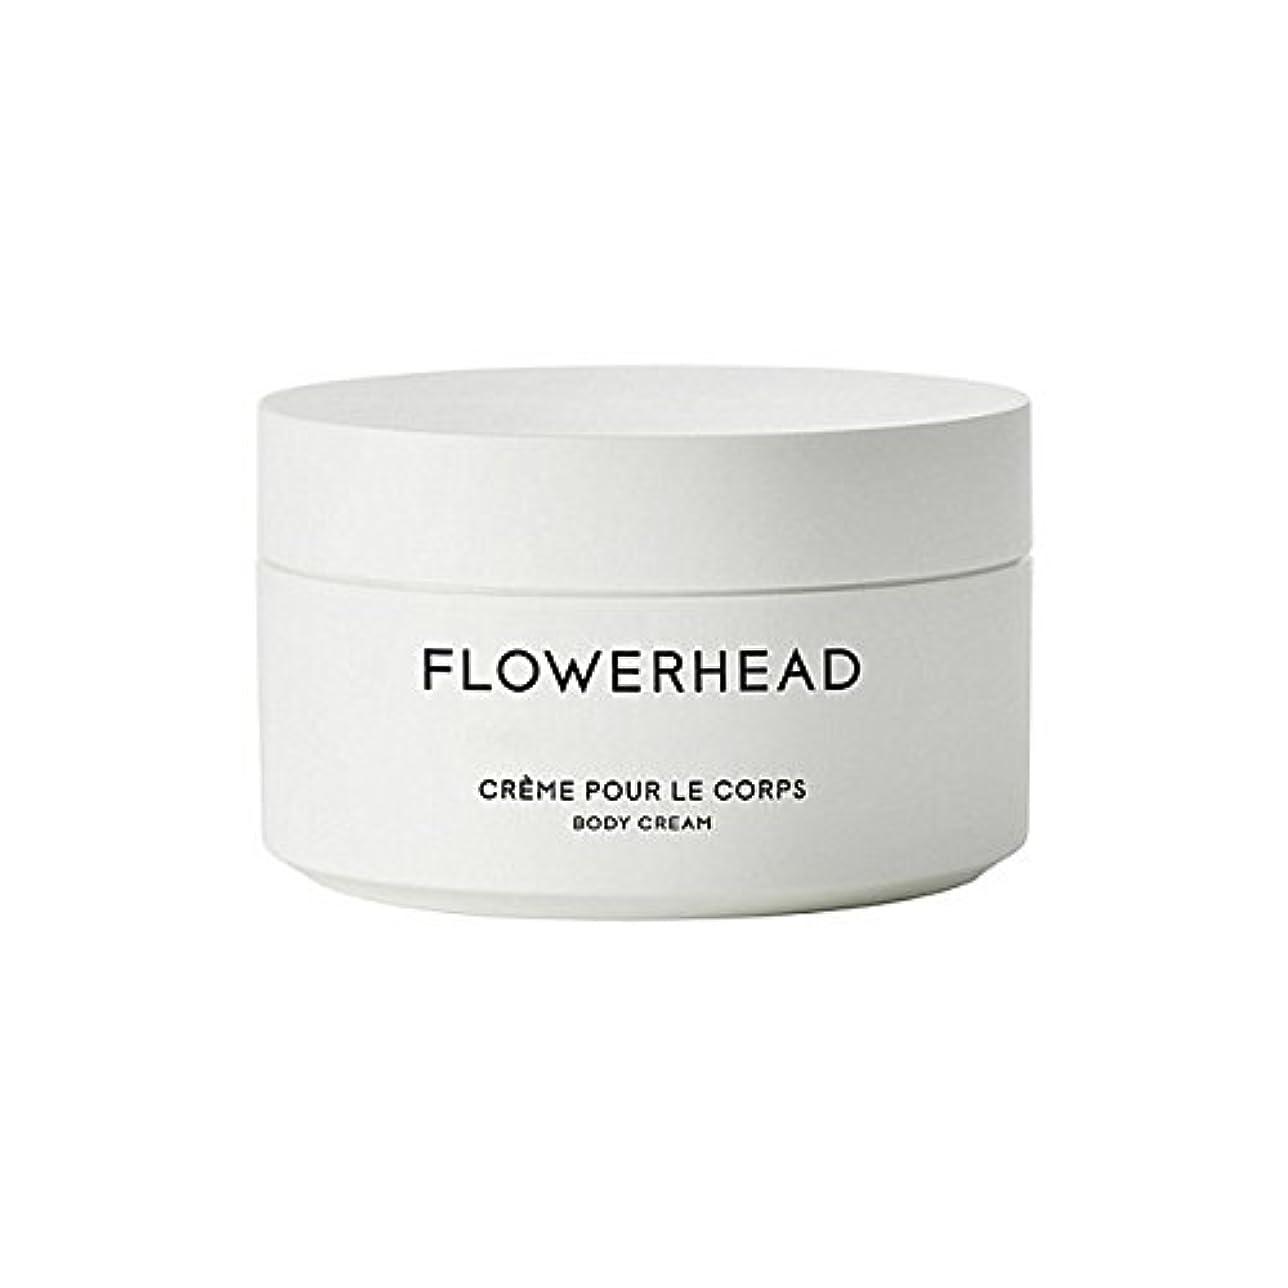 言い換えるとのみストリップボディクリーム200ミリリットル x4 - Byredo Flowerhead Body Cream 200ml (Pack of 4) [並行輸入品]